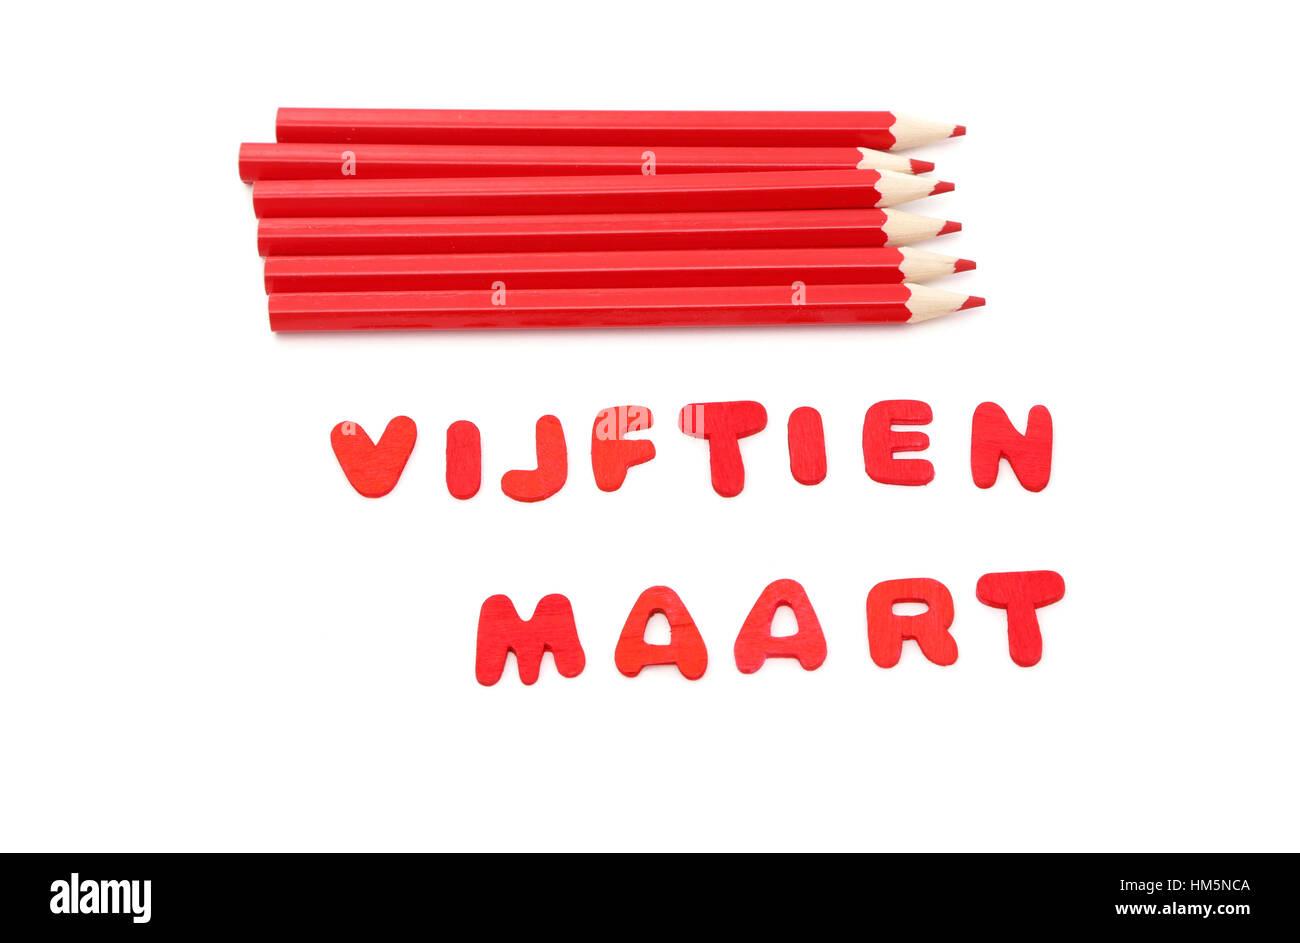 Crayons rouge et les mots vijftien maart ce qui signifie 15 mars en néerlandais le jour où les élections Photo Stock